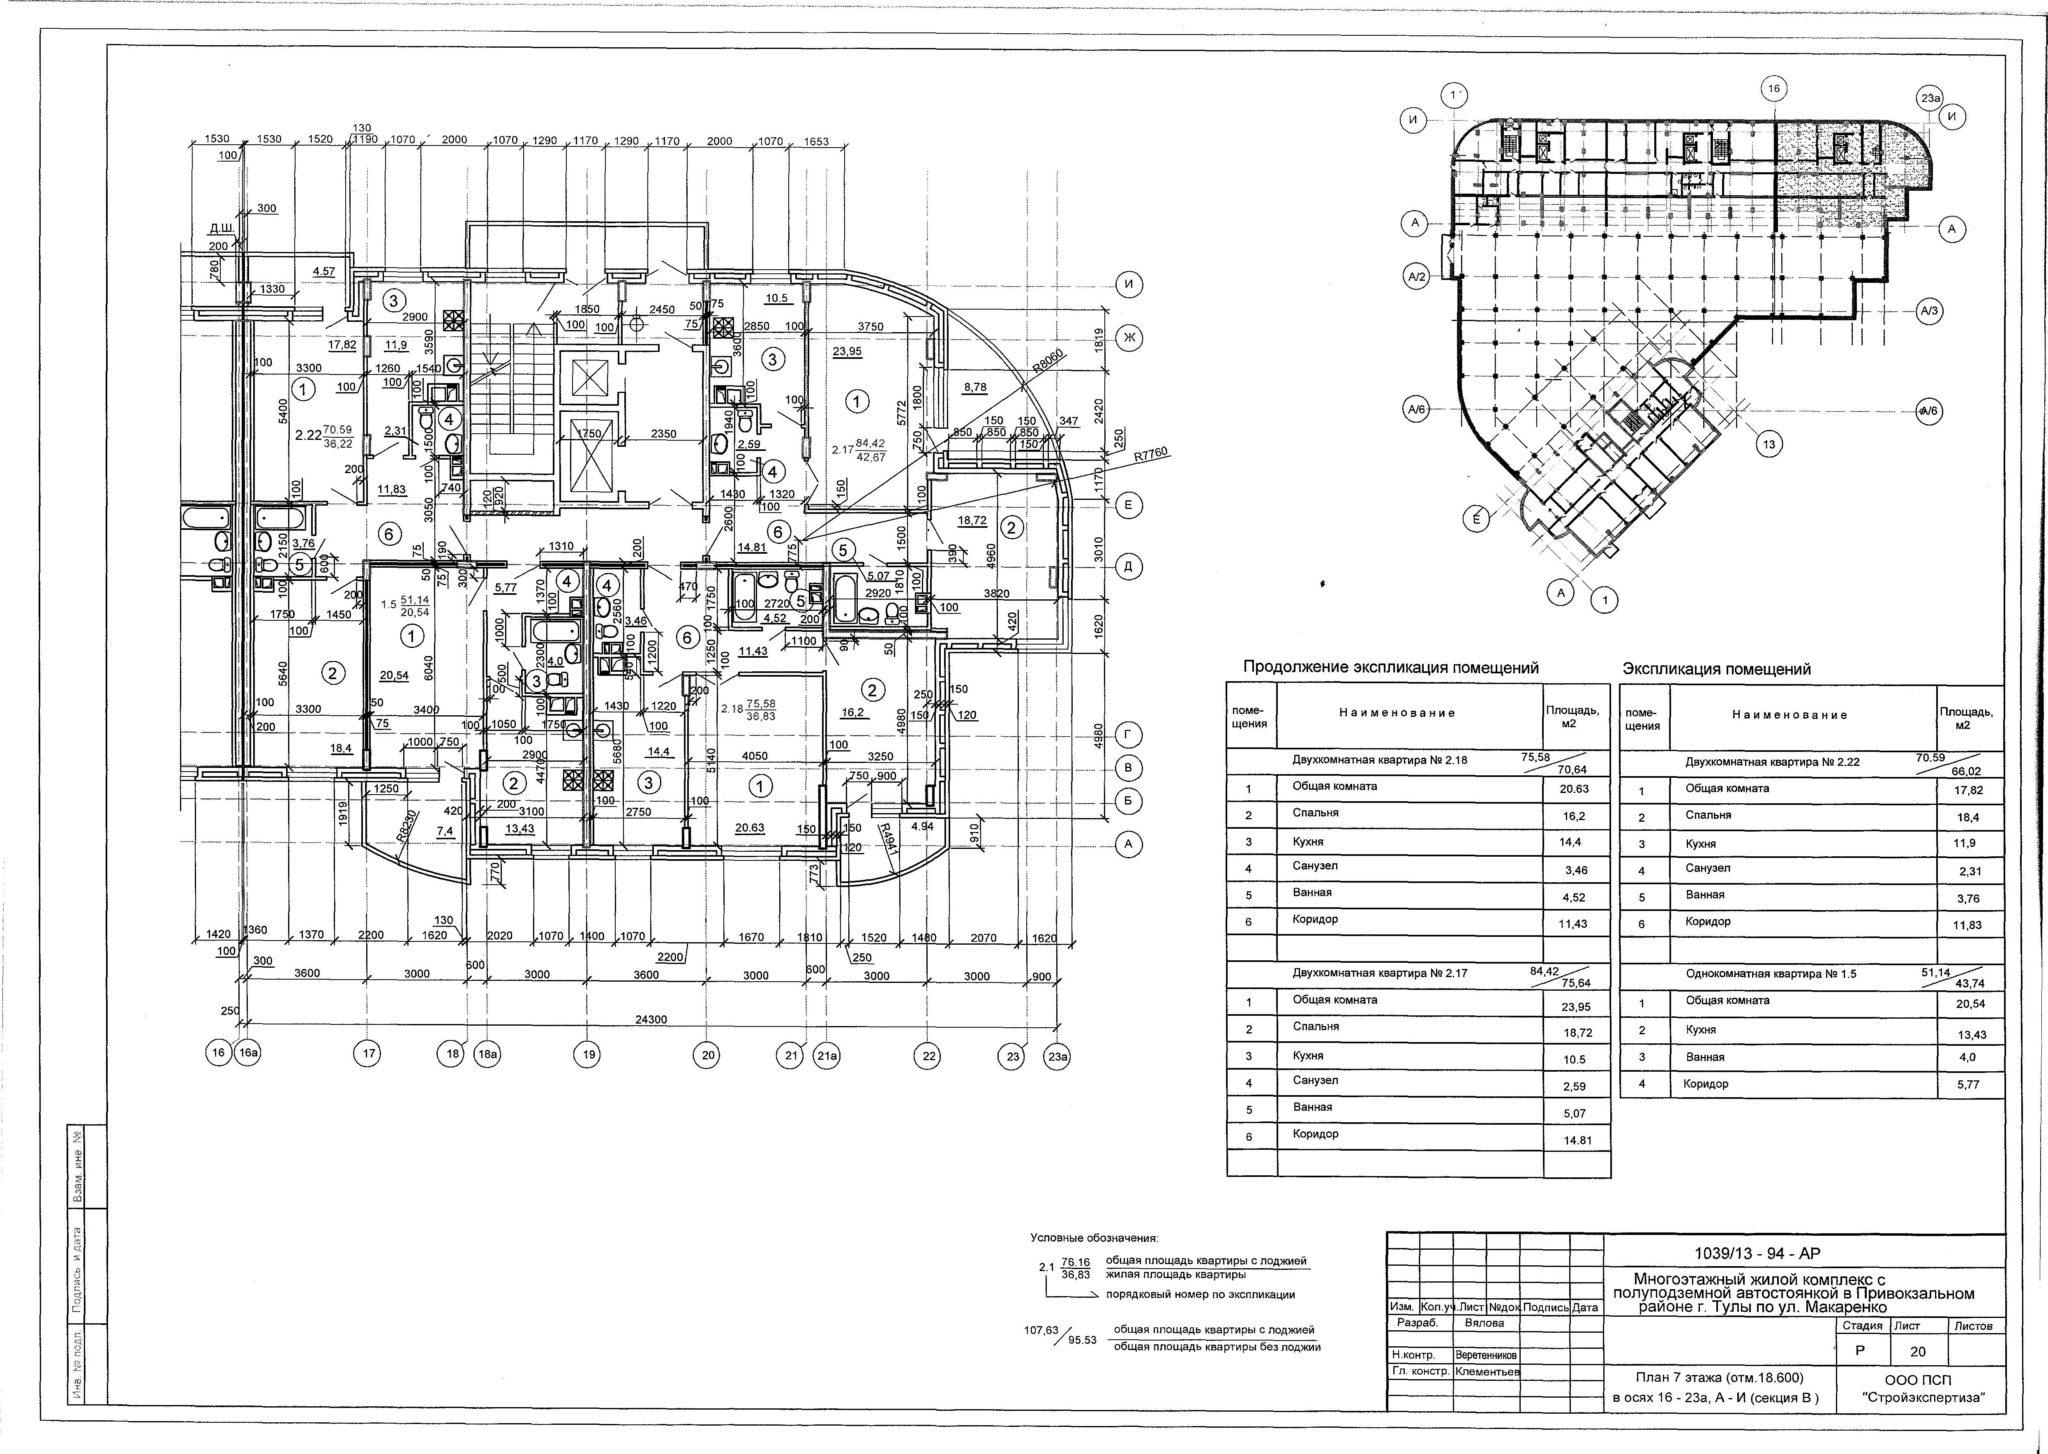 План 7 этажа секции В ЖК МАКАРЕНКО